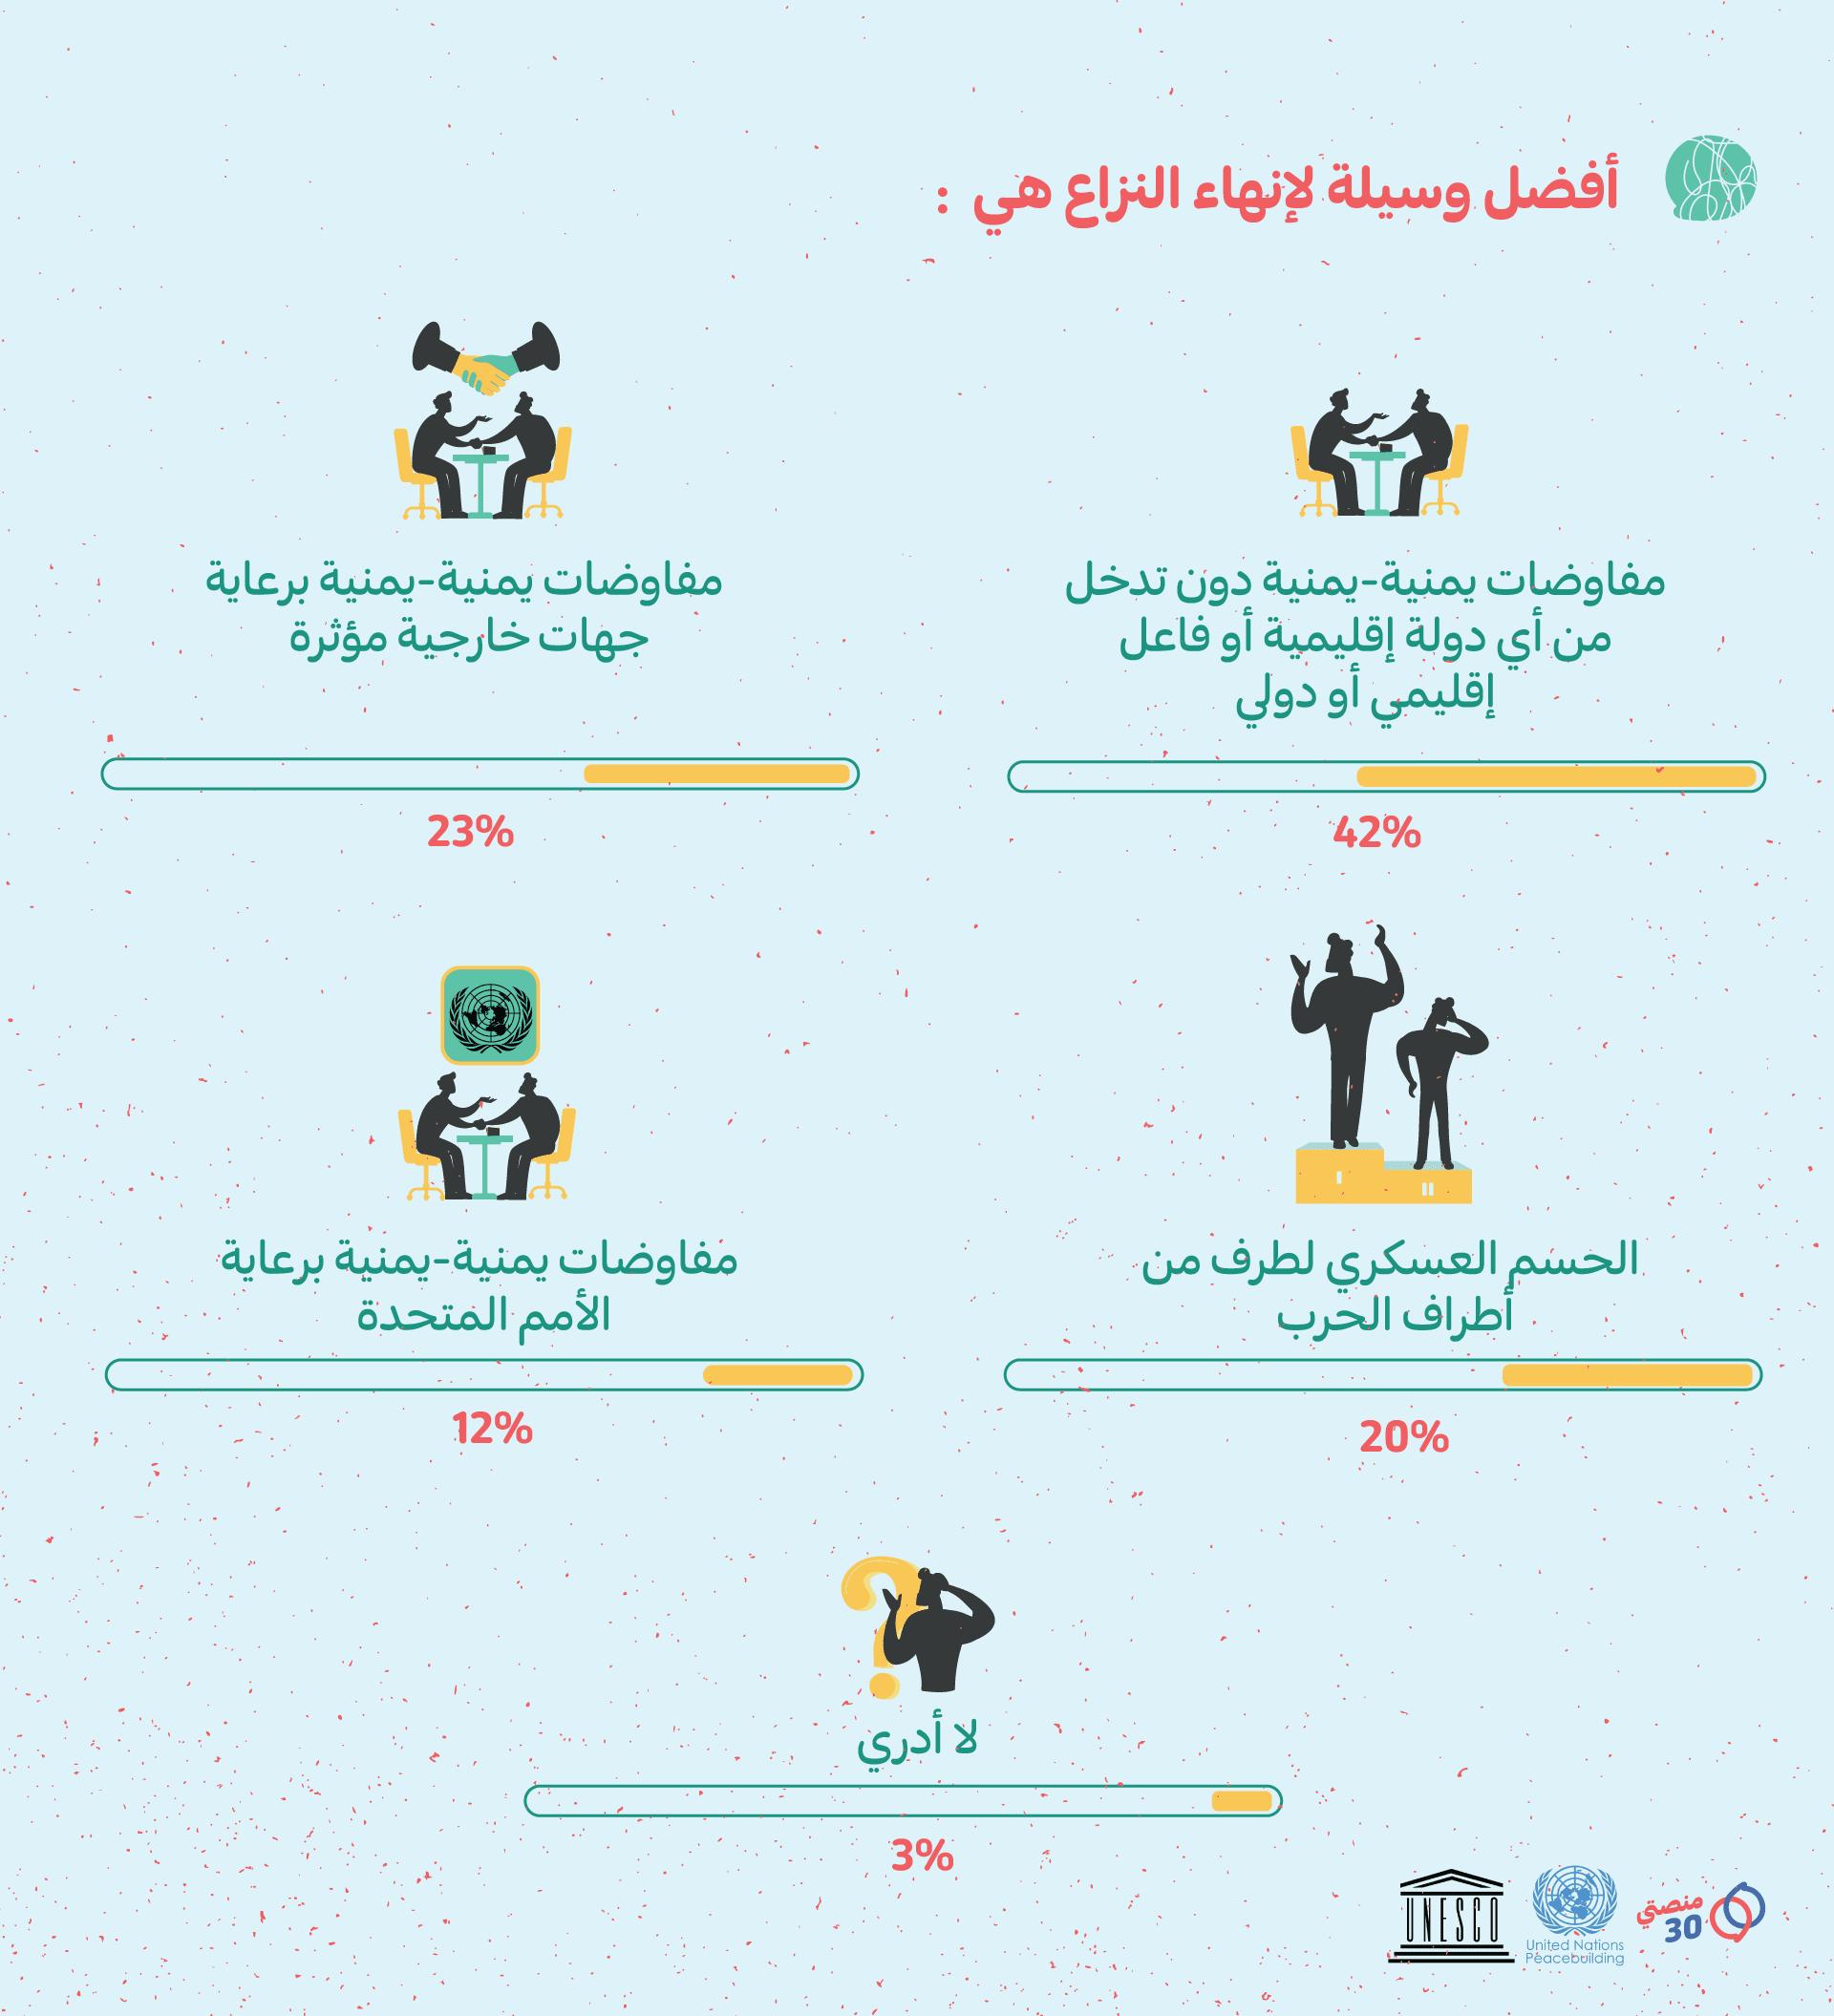 إجابة سؤال أفضل وسيلة لإنهاء النزاع في اليمن